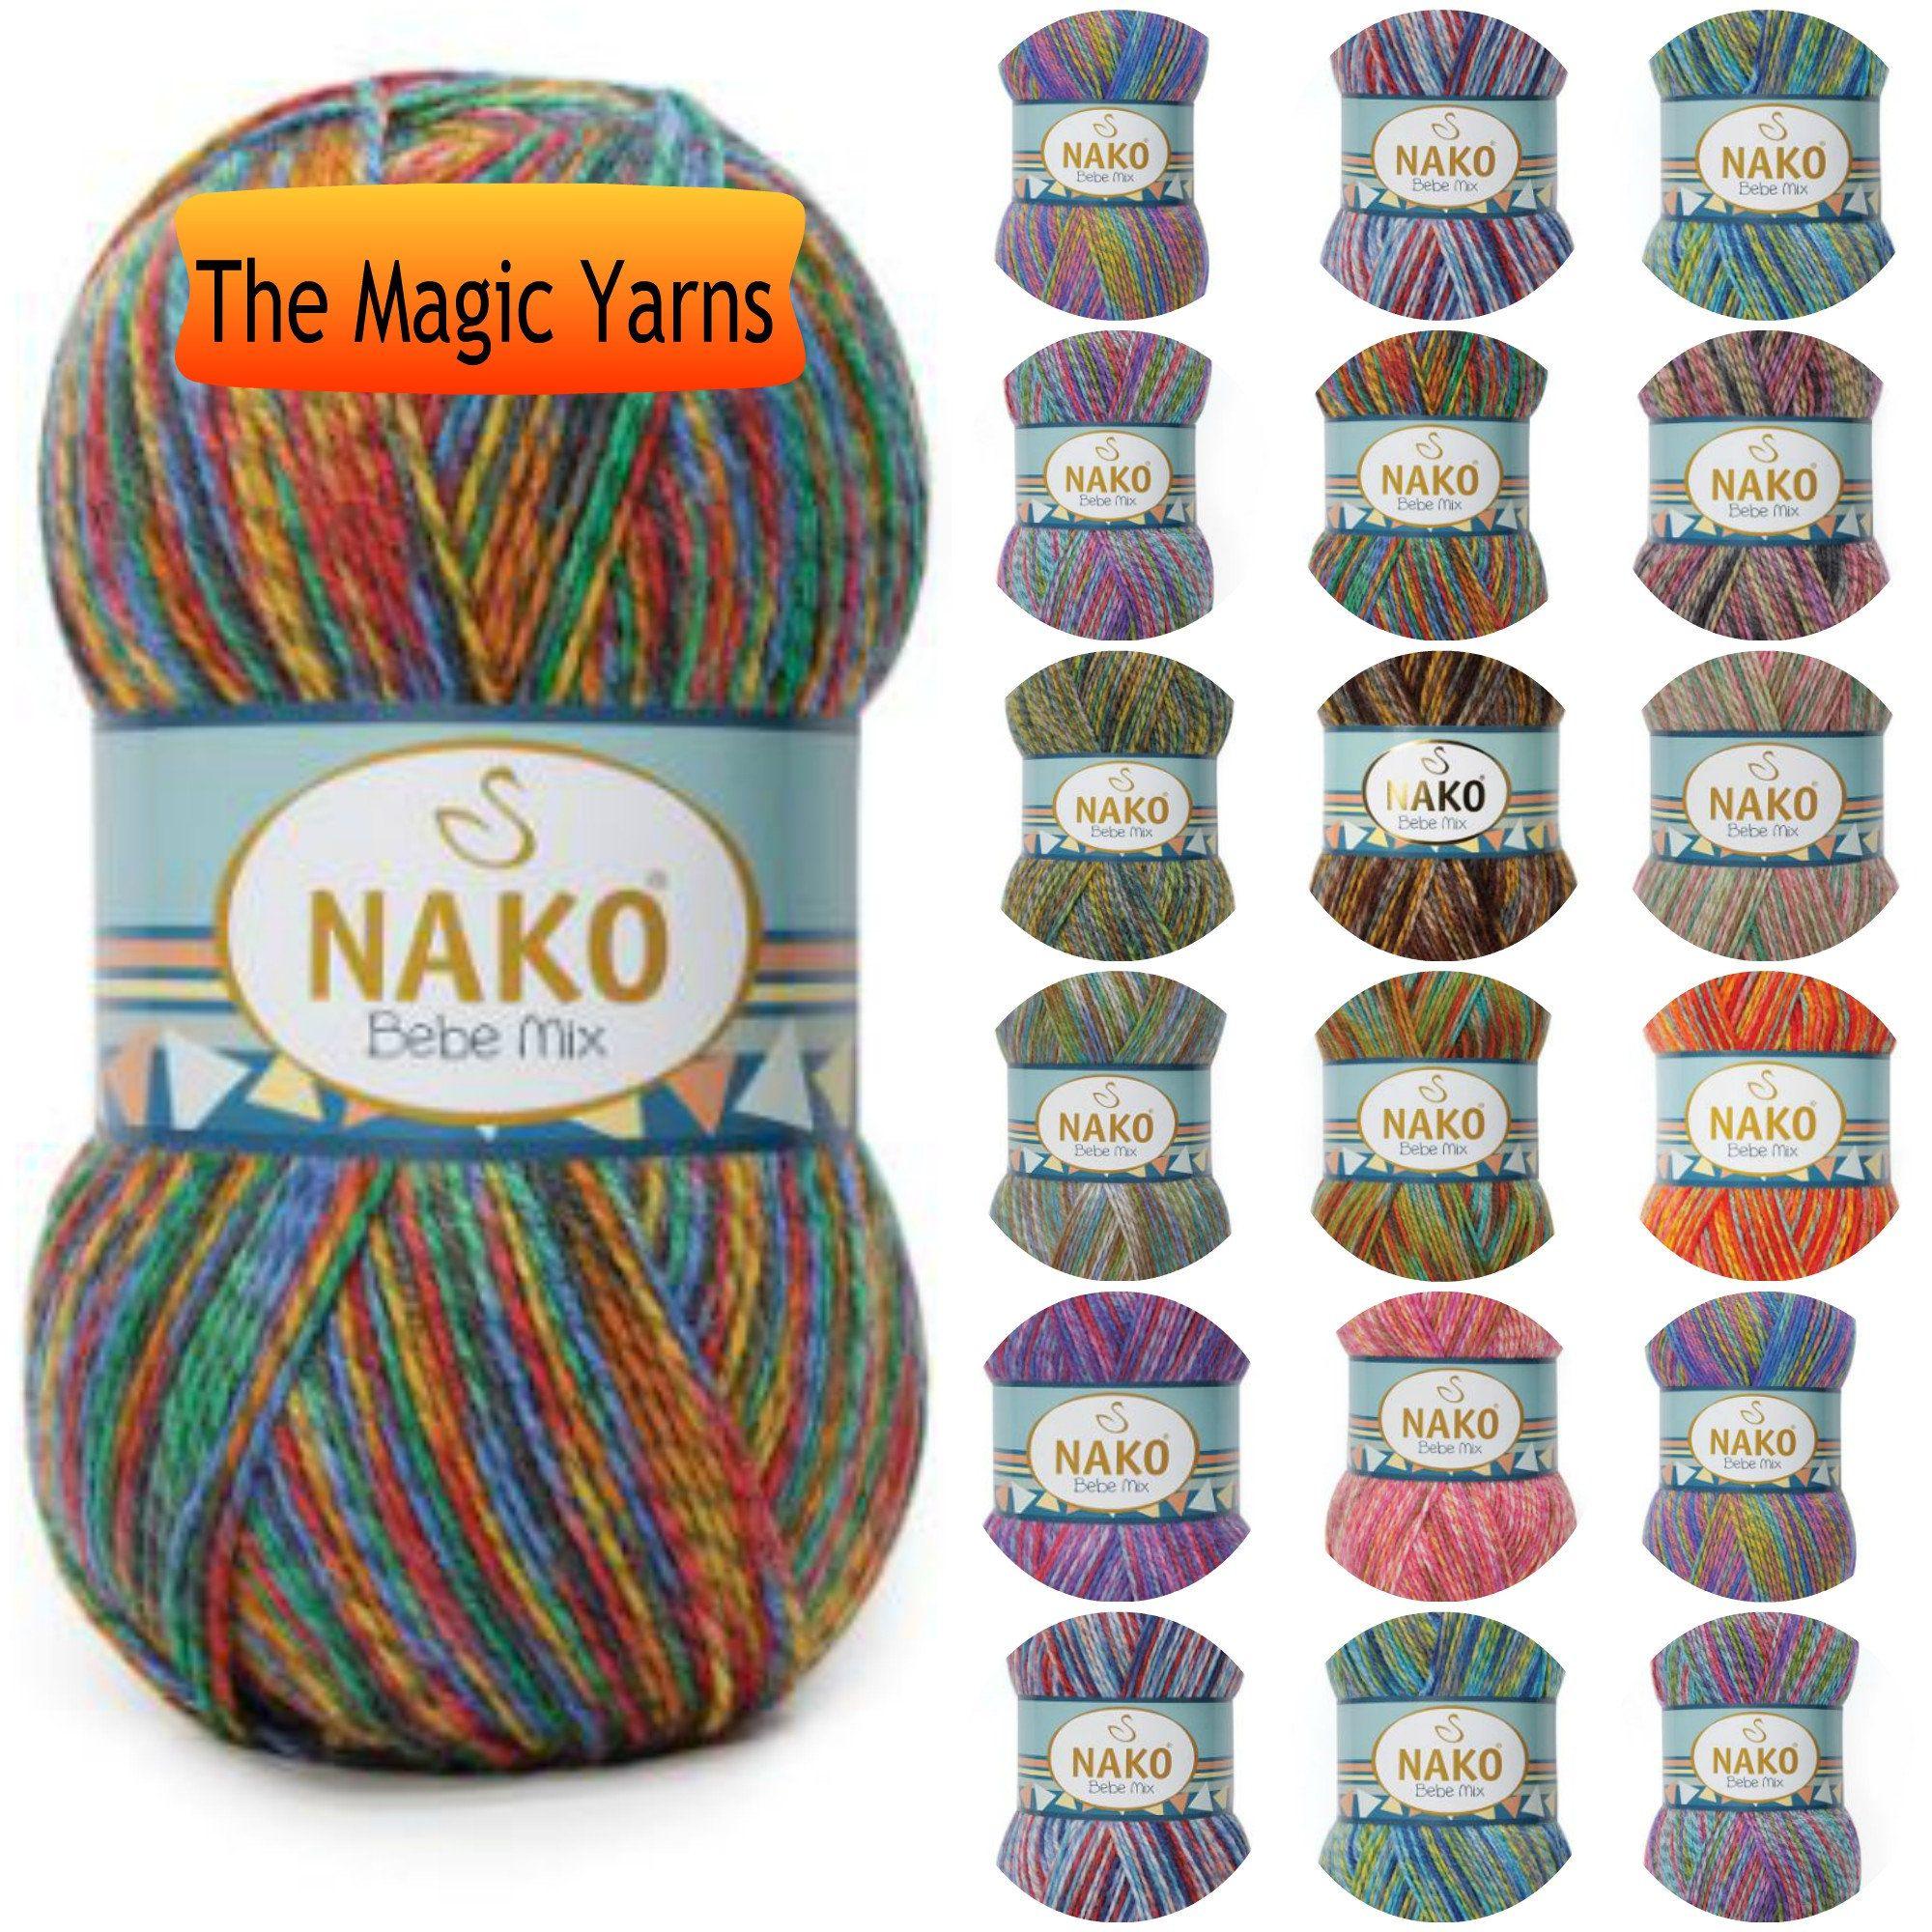 Chunky Turquoise Yarn Crocheted yarn Aqua Blue Yarn for Knitting Knitting Yarn Yarn on Cone Strip Yarn 200 g Hand Knit Yarn